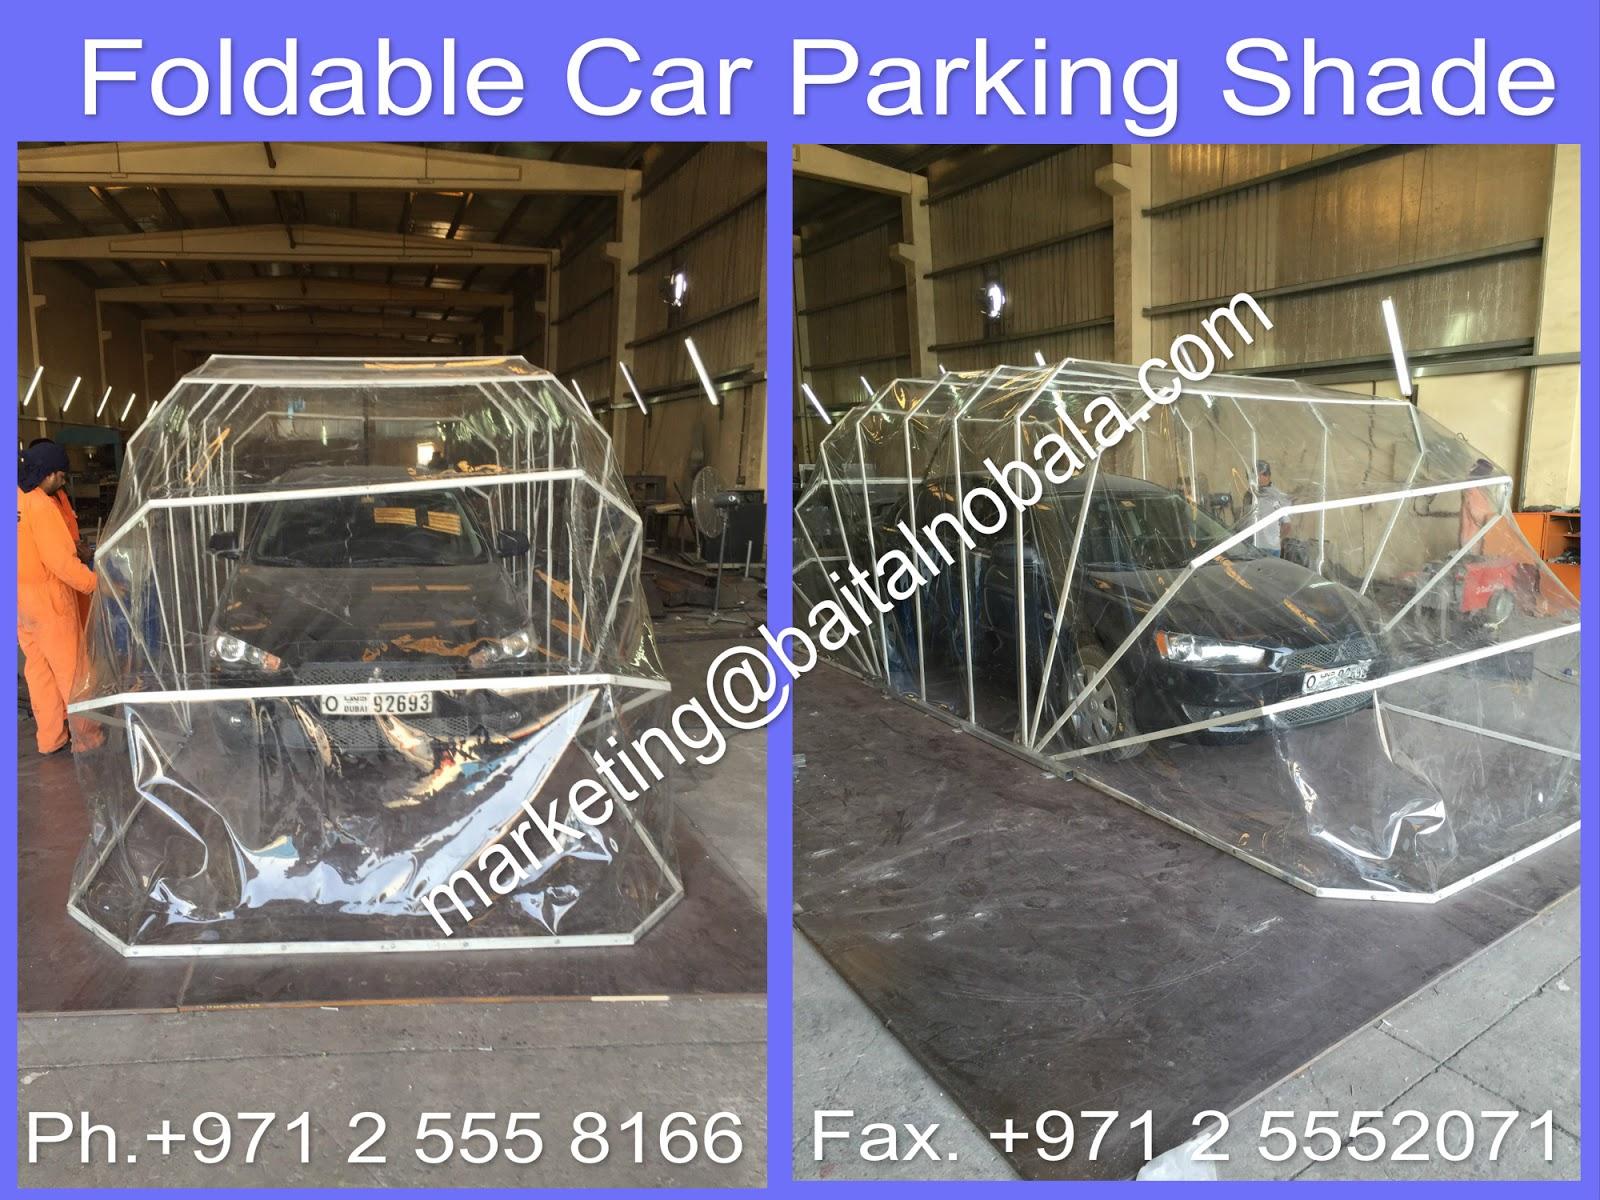 Foldable Car Parking Shade   UAE Foldable Parking   UAE Foldable Car Covers Tent   UAE Foldable Parking Hoop & Car Parking Shade in UAE: Foldable Car Parking Shade   UAE ...